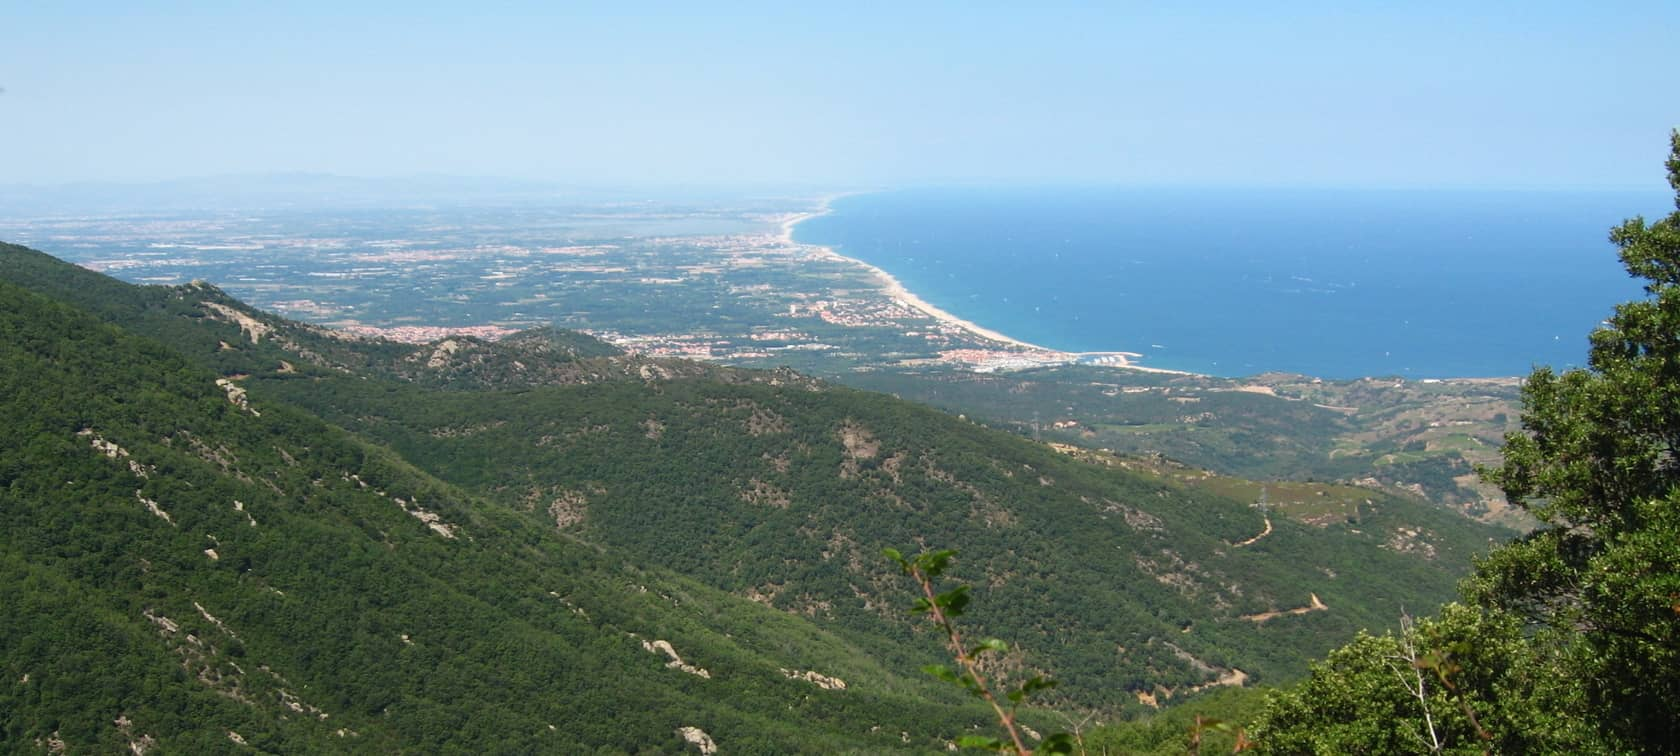 Argelès-sur-Mer vue depuis le contrefort des Albères, photo d'Adeline Antonetti